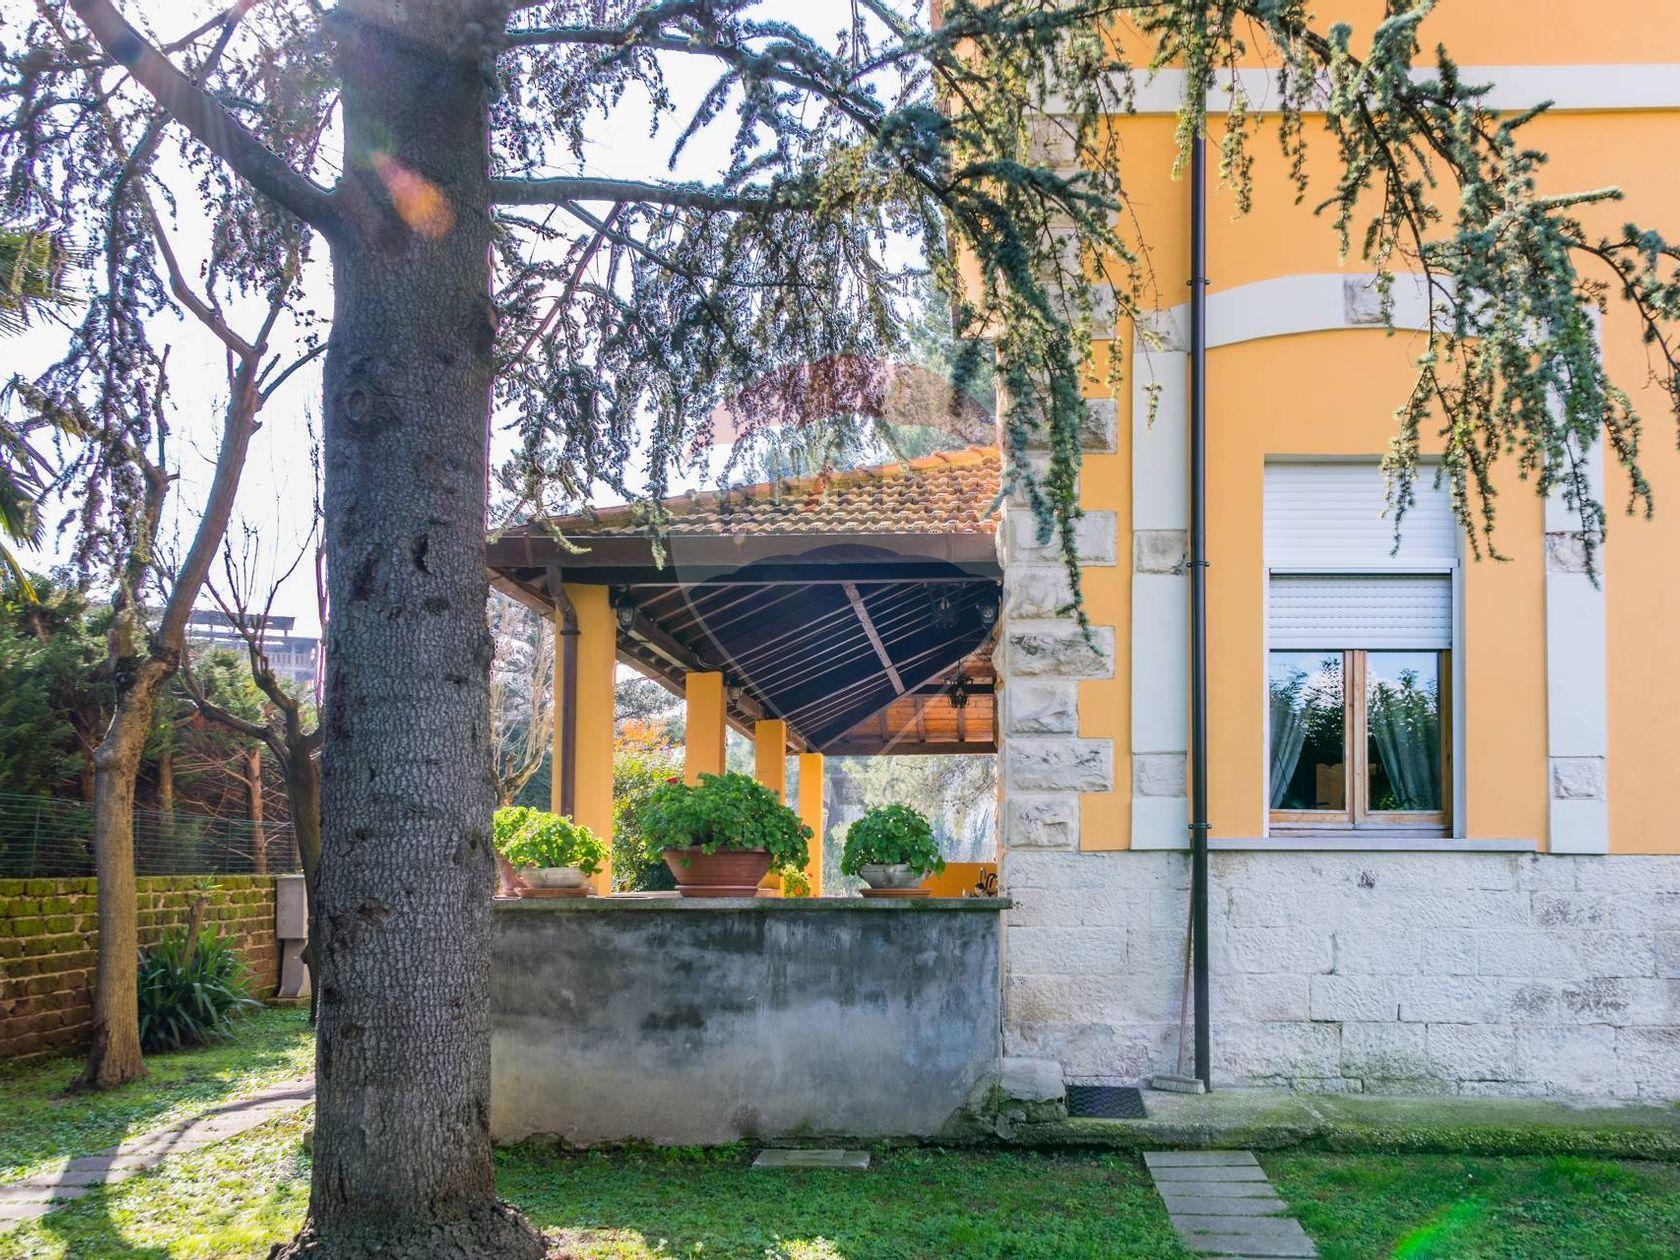 Casa Semindipendente Piano d'Orta, Bolognano, PE Vendita - Foto 3